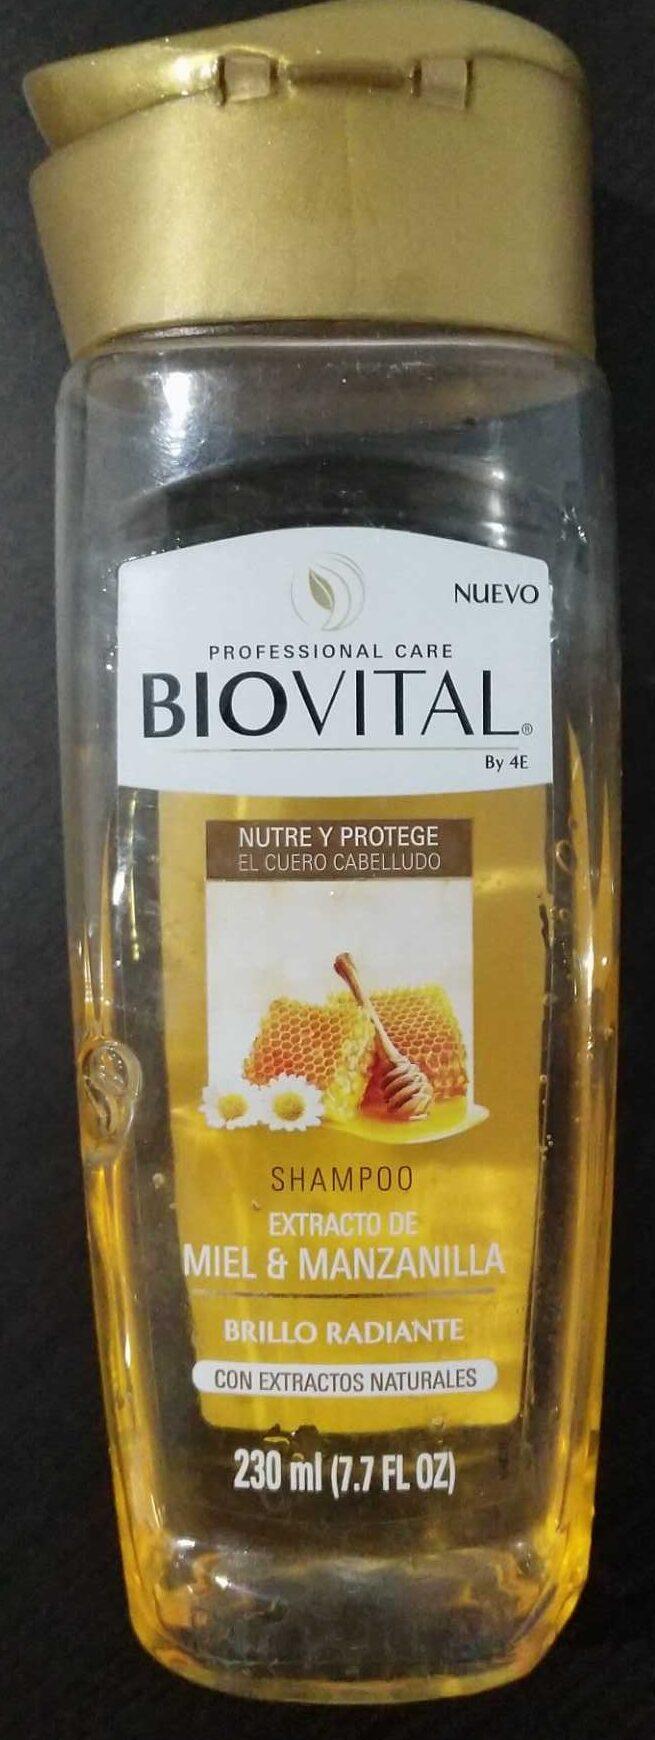 Shampoo extracto de miel & manzanilla - Product - es